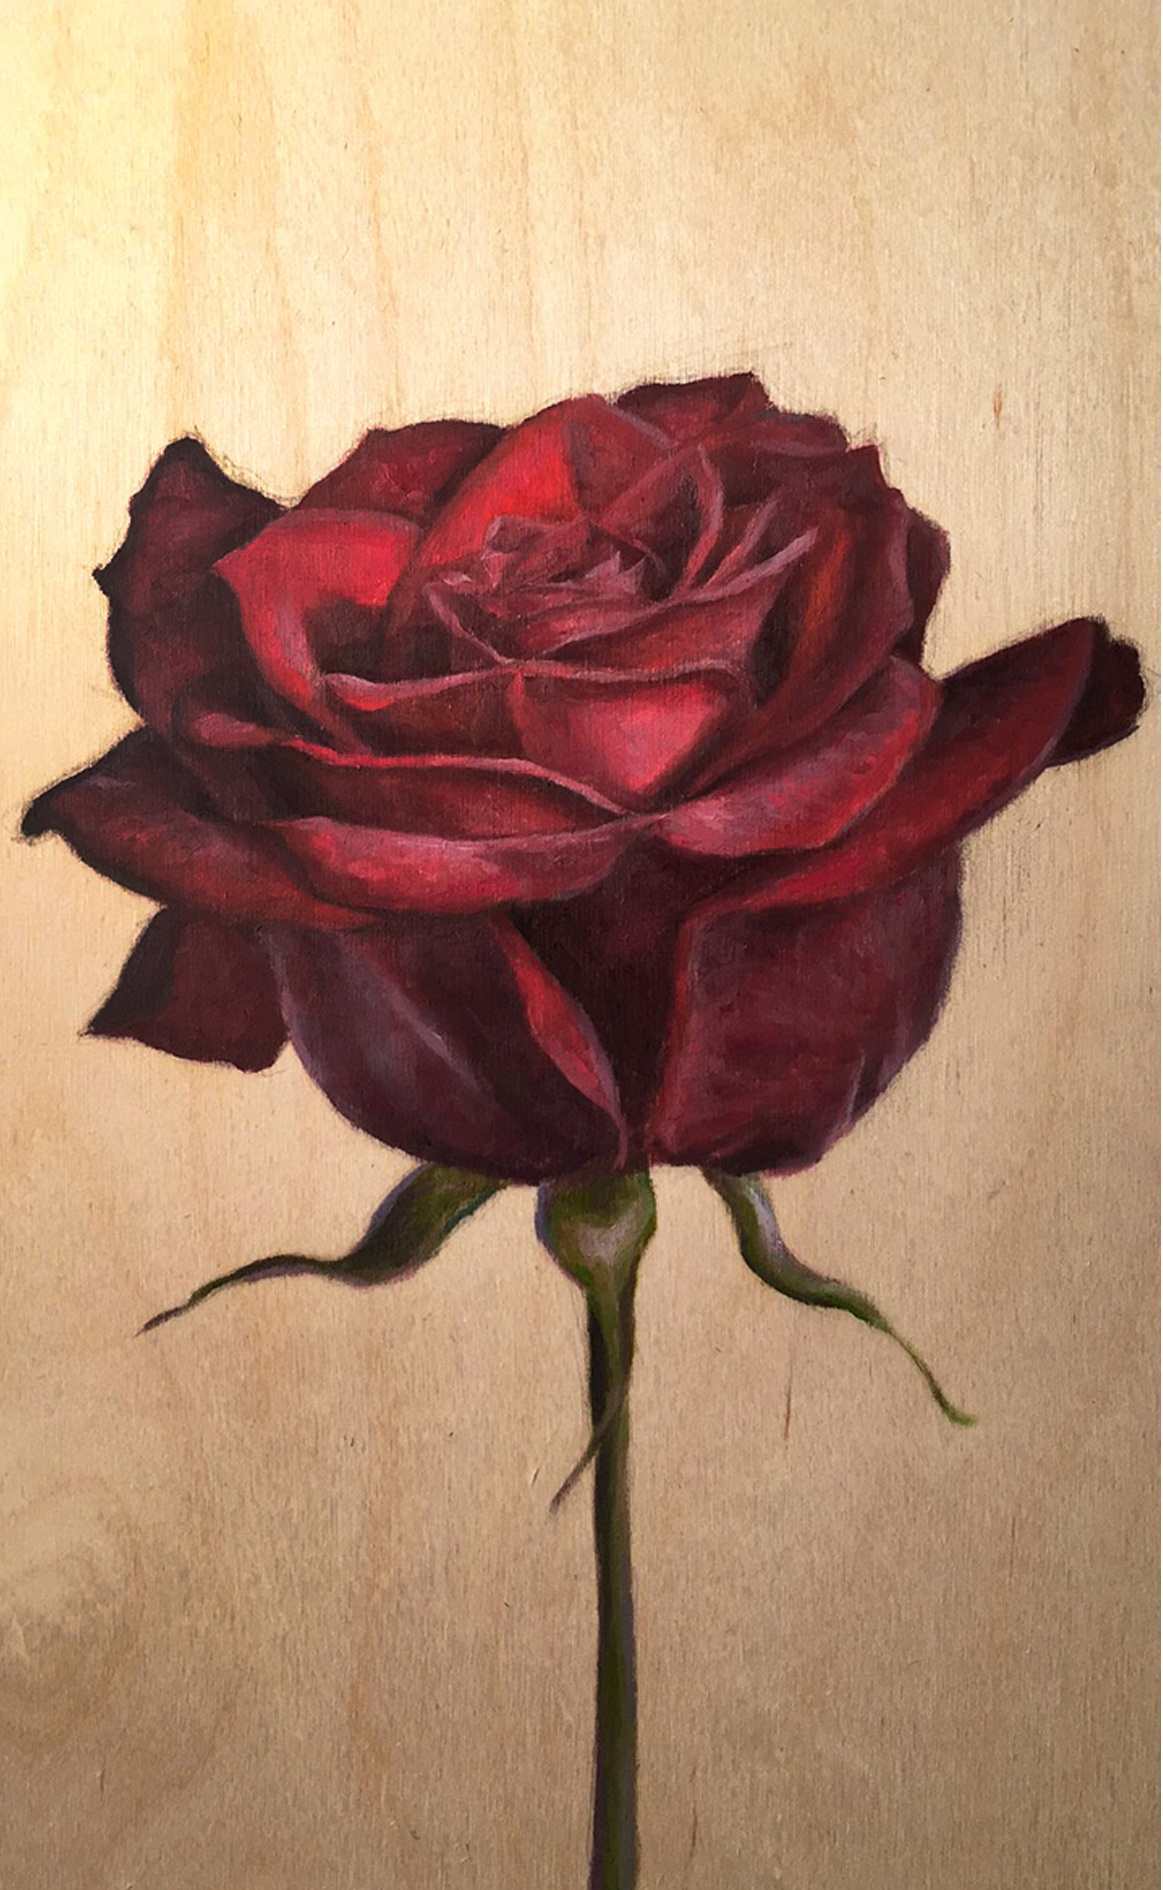 Red Rose_Christie Snelson.jpg